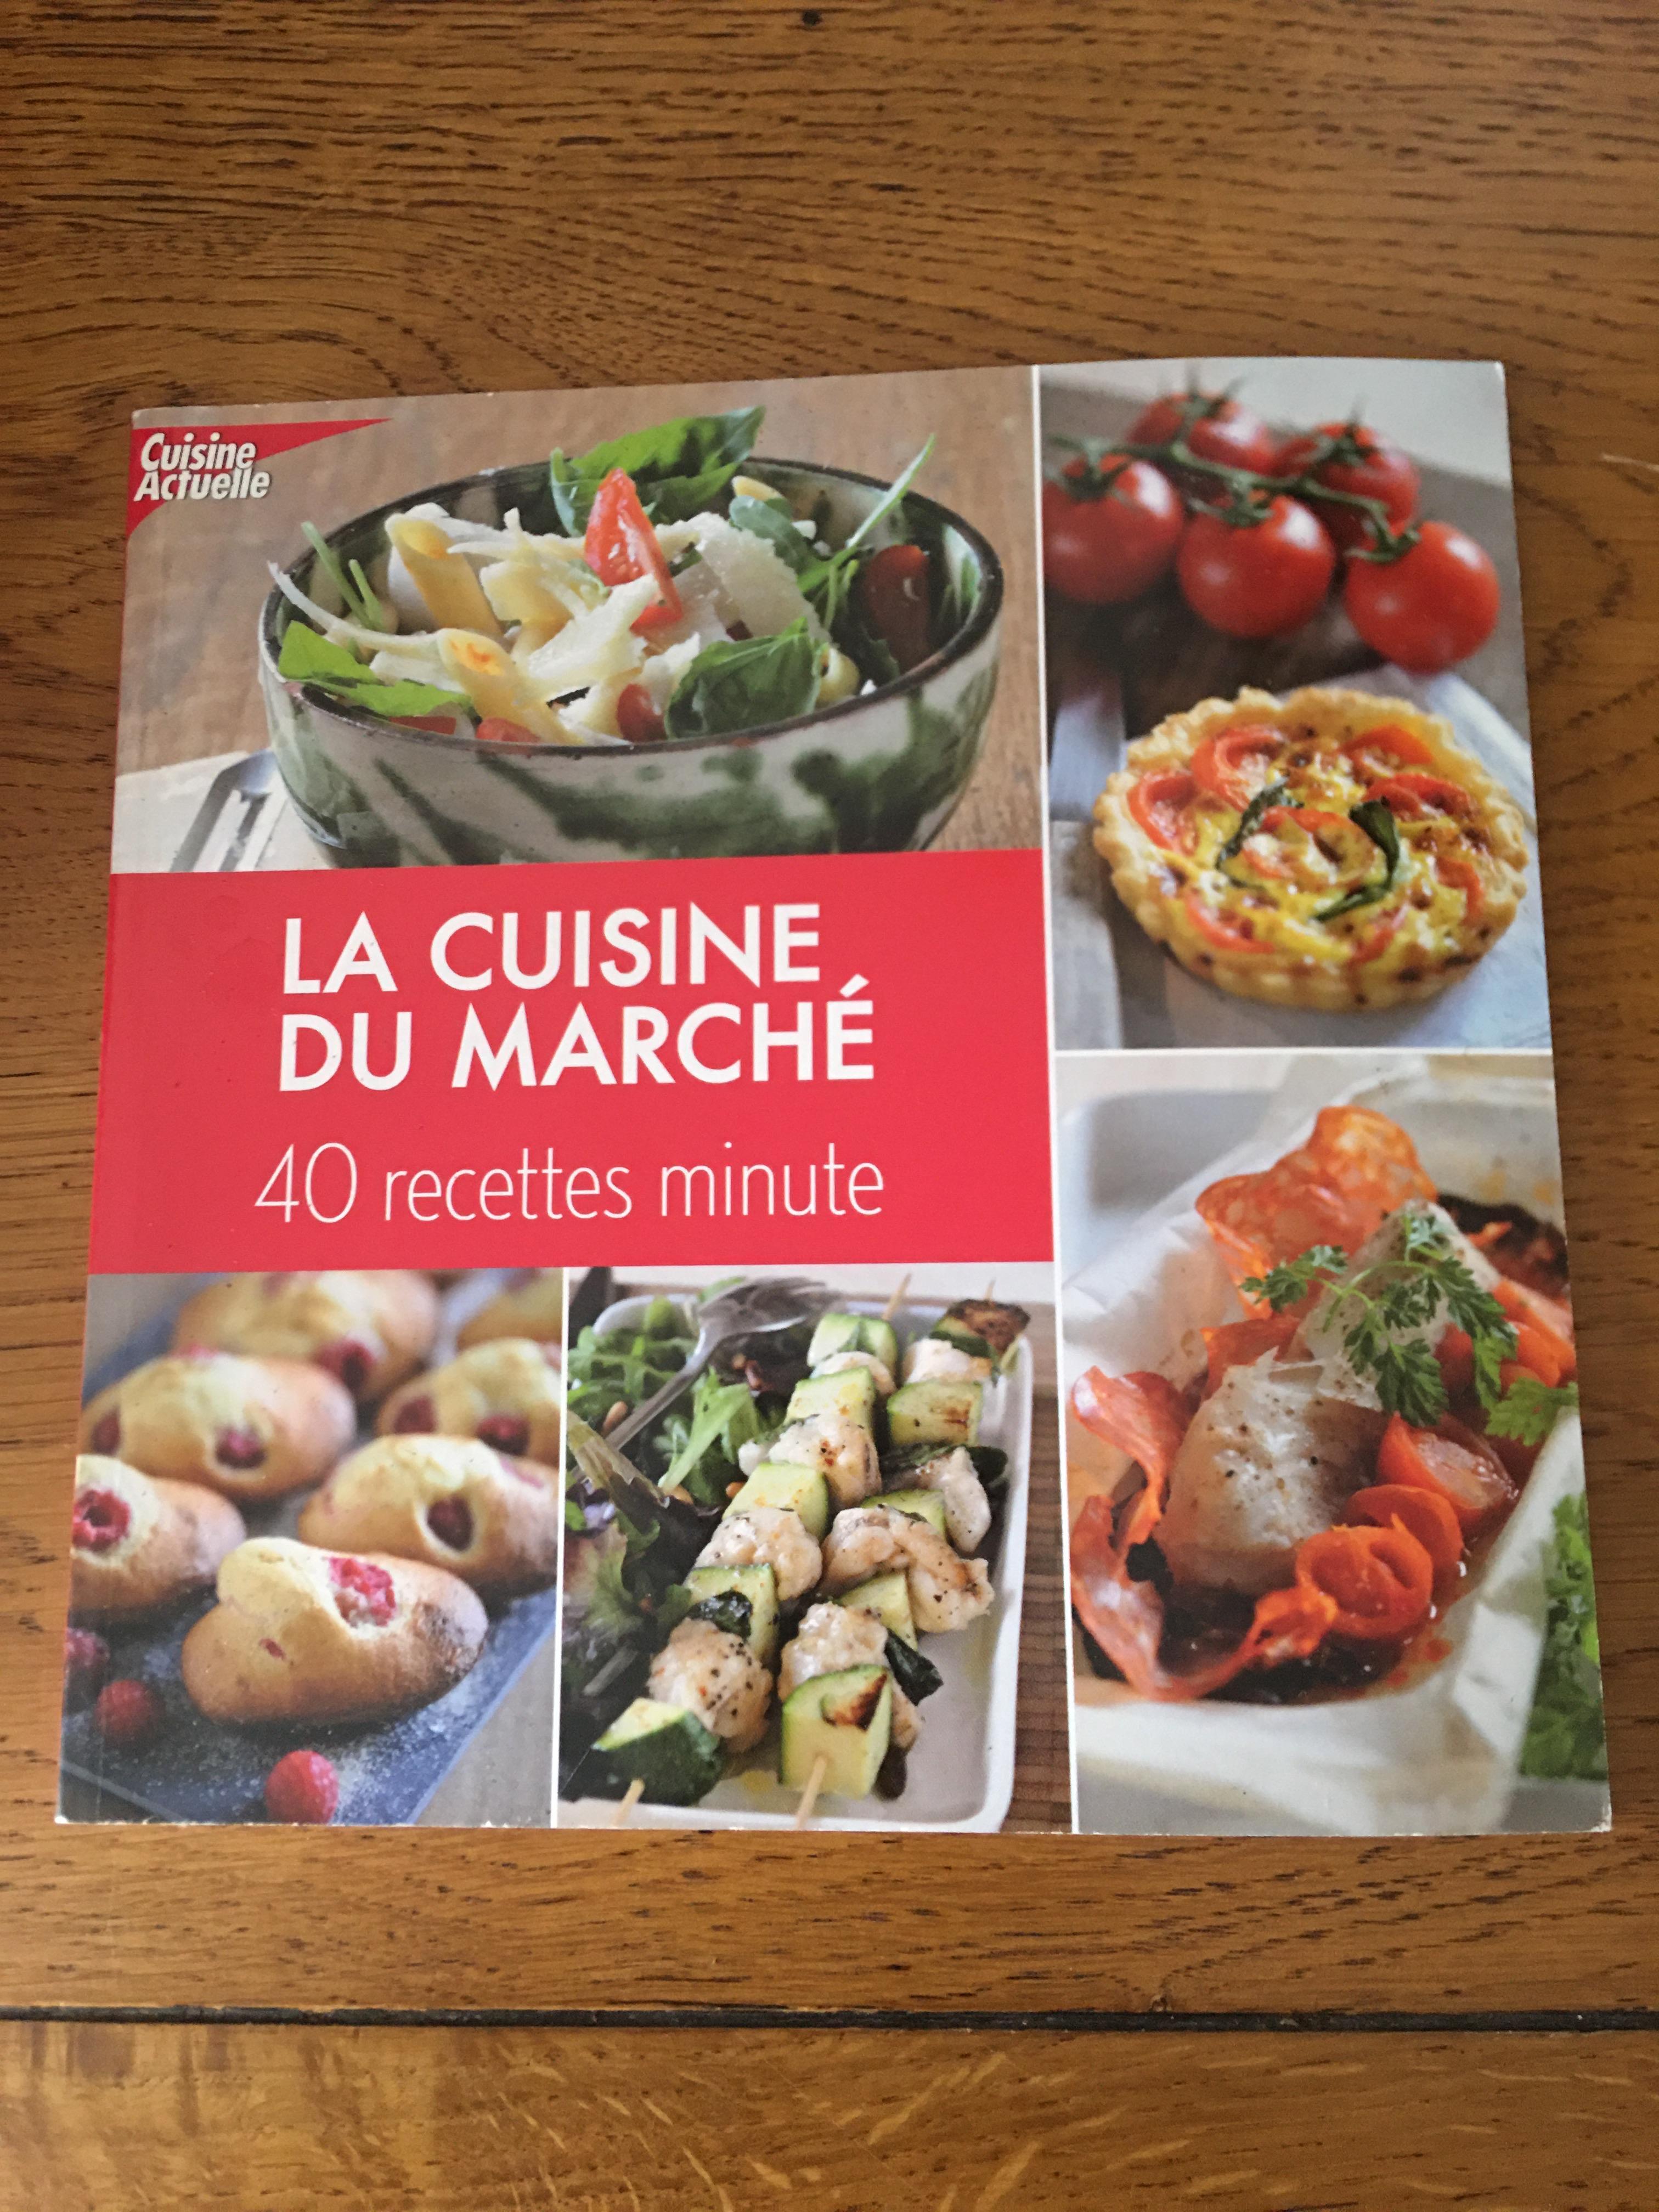 troc de troc 40 recettes minute la cuisine du marché image 0